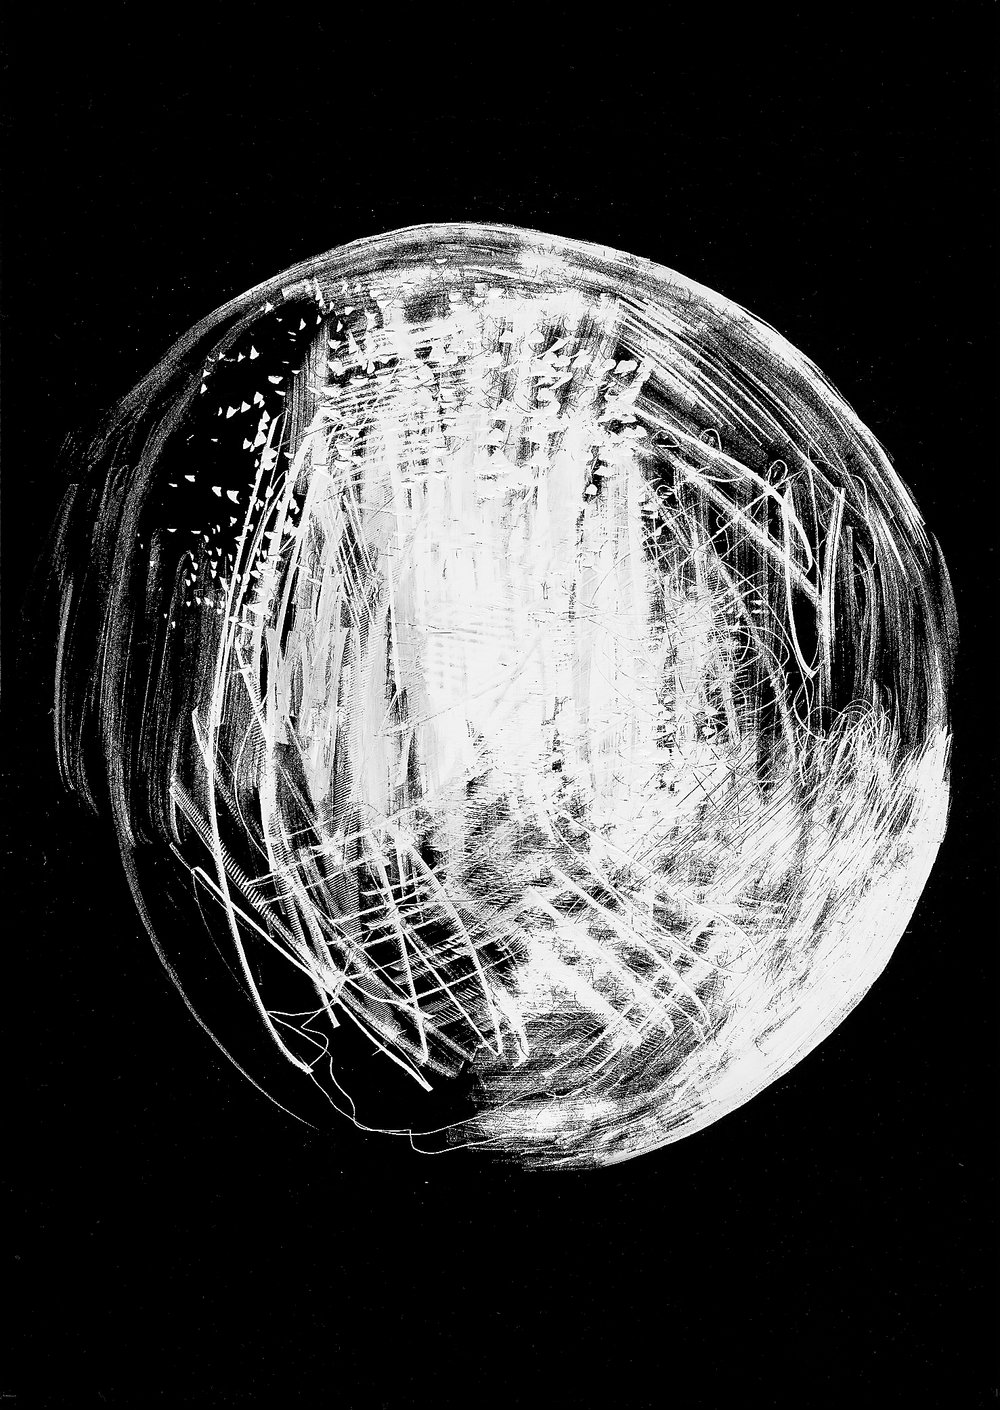 Lapetus, Saturn VIII